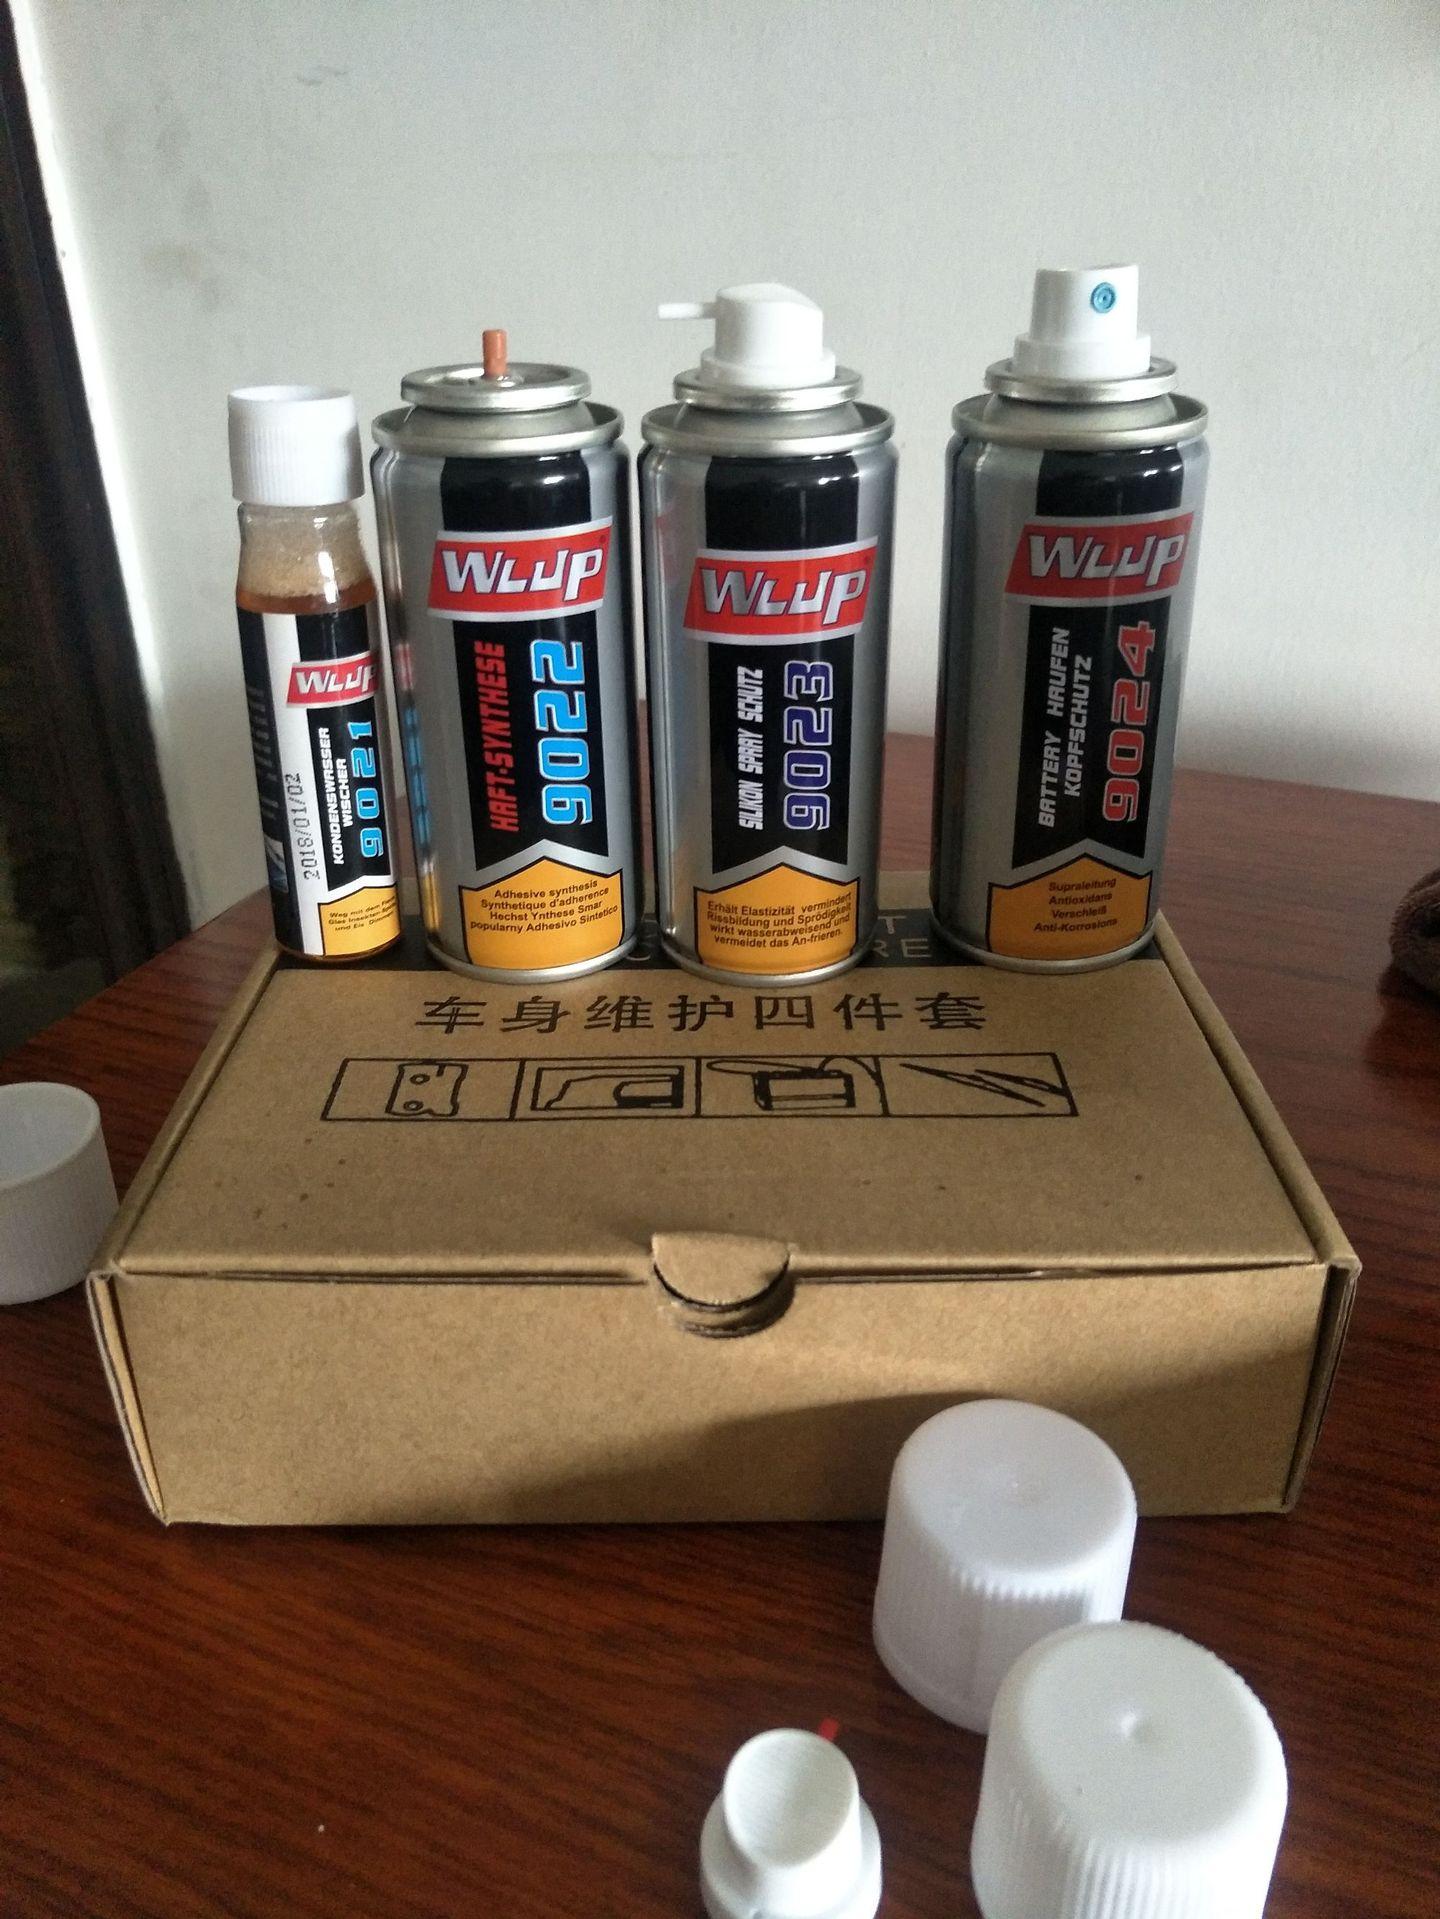 车身养护四合一养护套装 车身保养4合1 橡胶保护剂 液体油脂